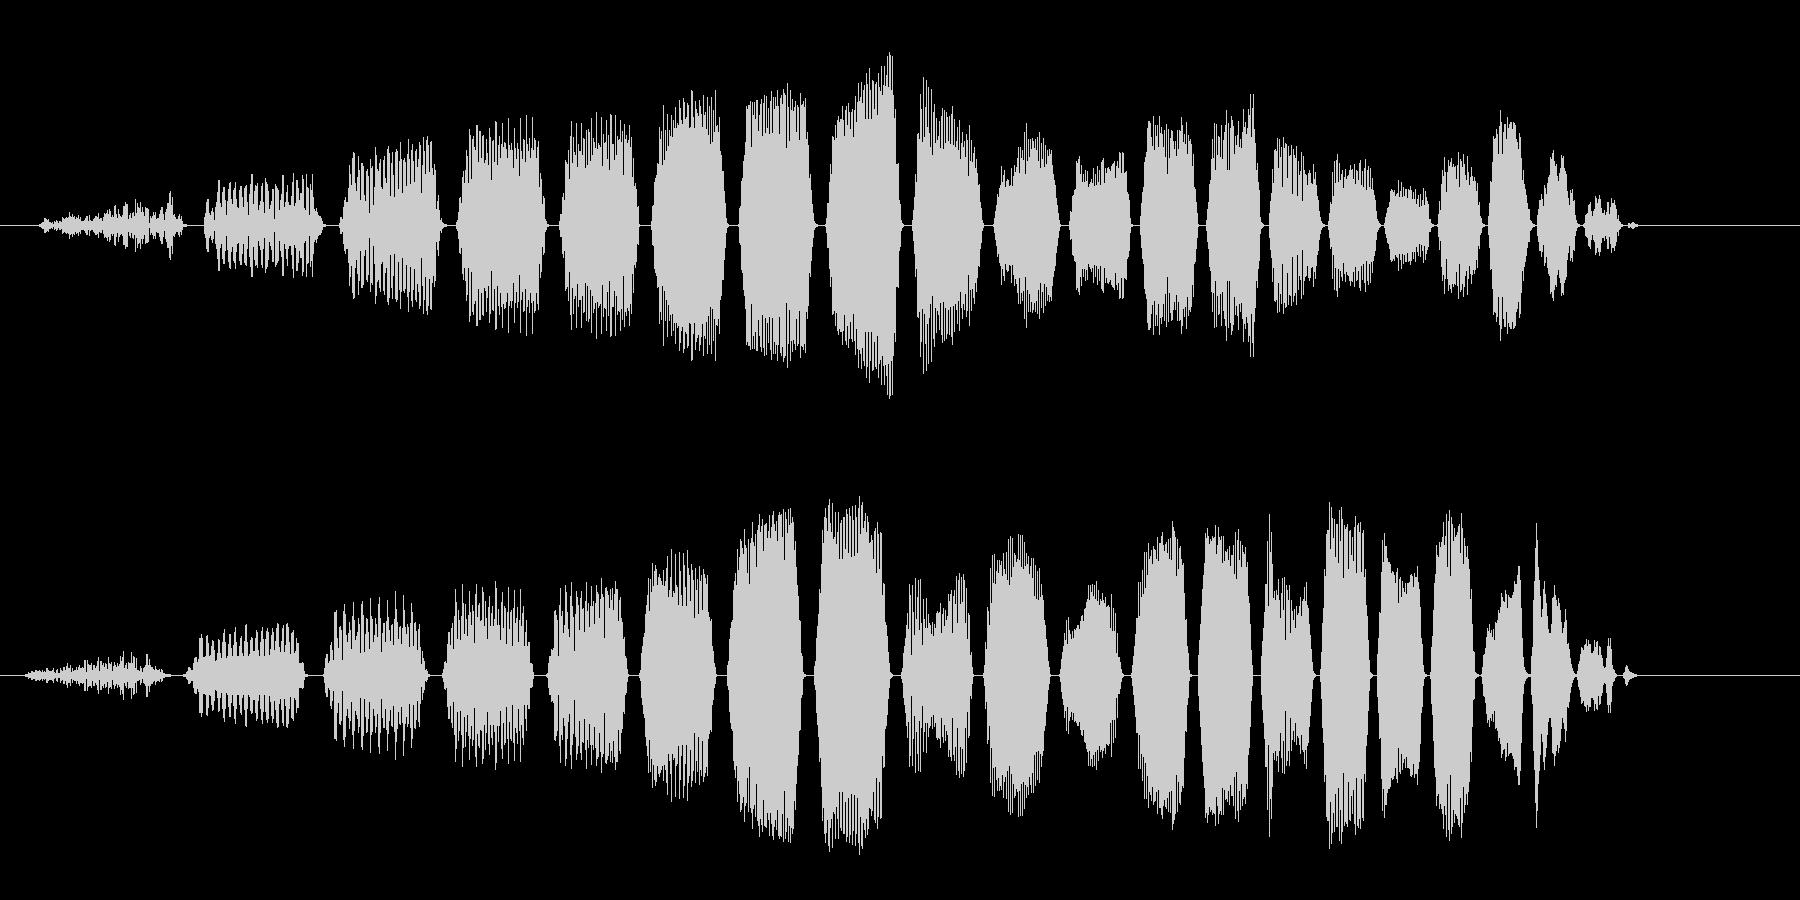 タラタラタラ〜ン(マシンが動き始める音)の未再生の波形